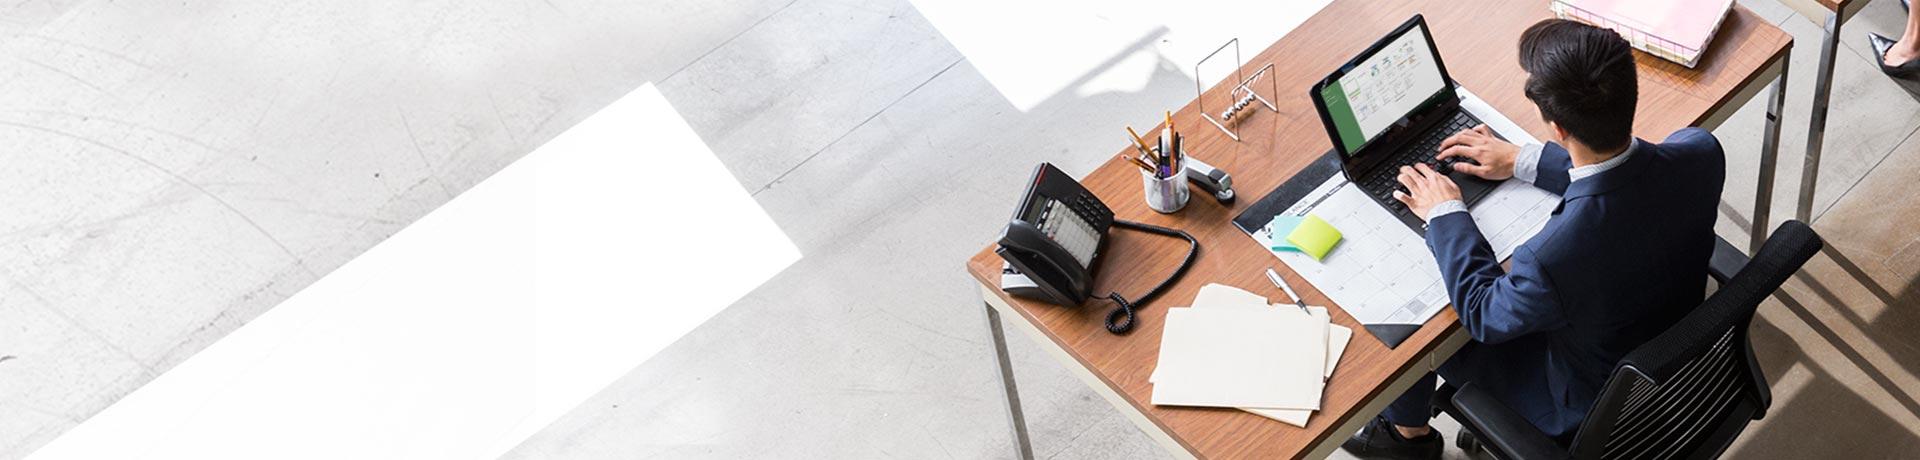 Muž sediaci za stolom v kancelárii pracujúci na notebooku na súbore Microsoft Projectu